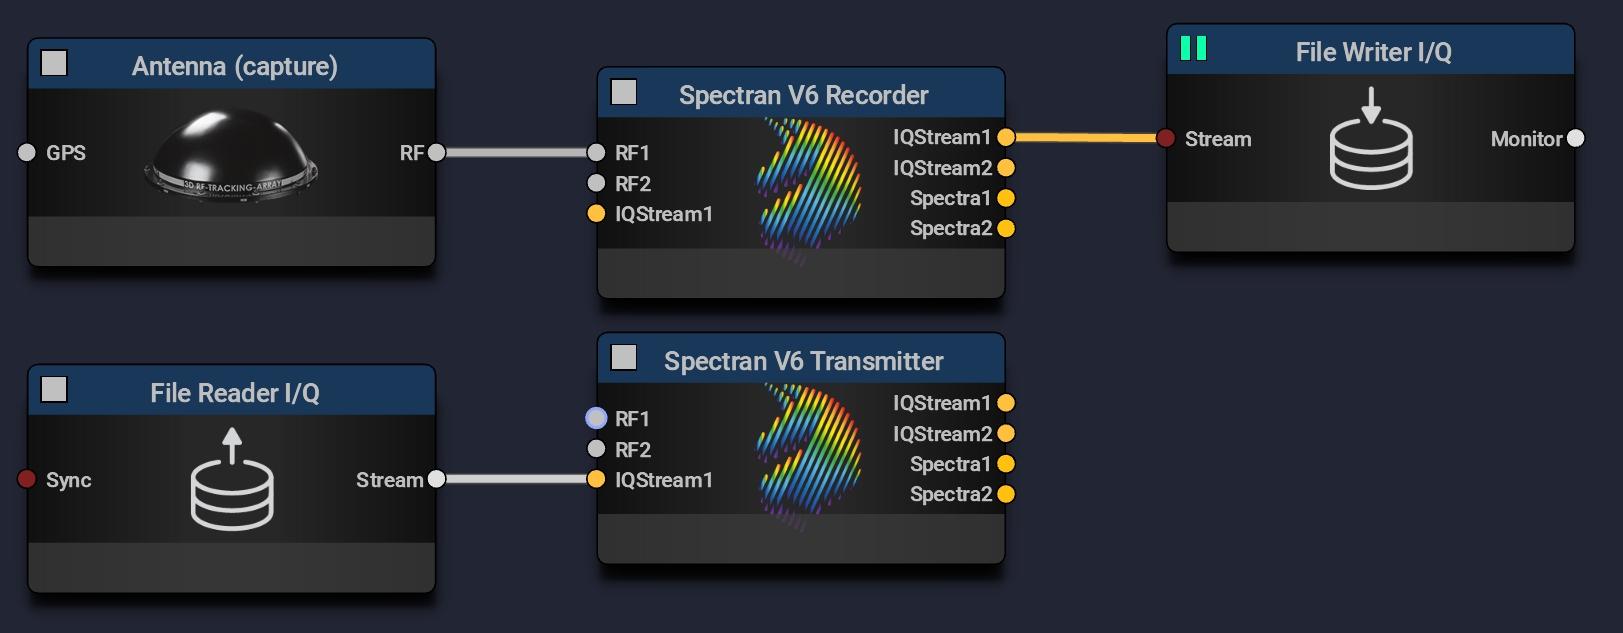 SPECTRAN-V6-Recorder2.jpg